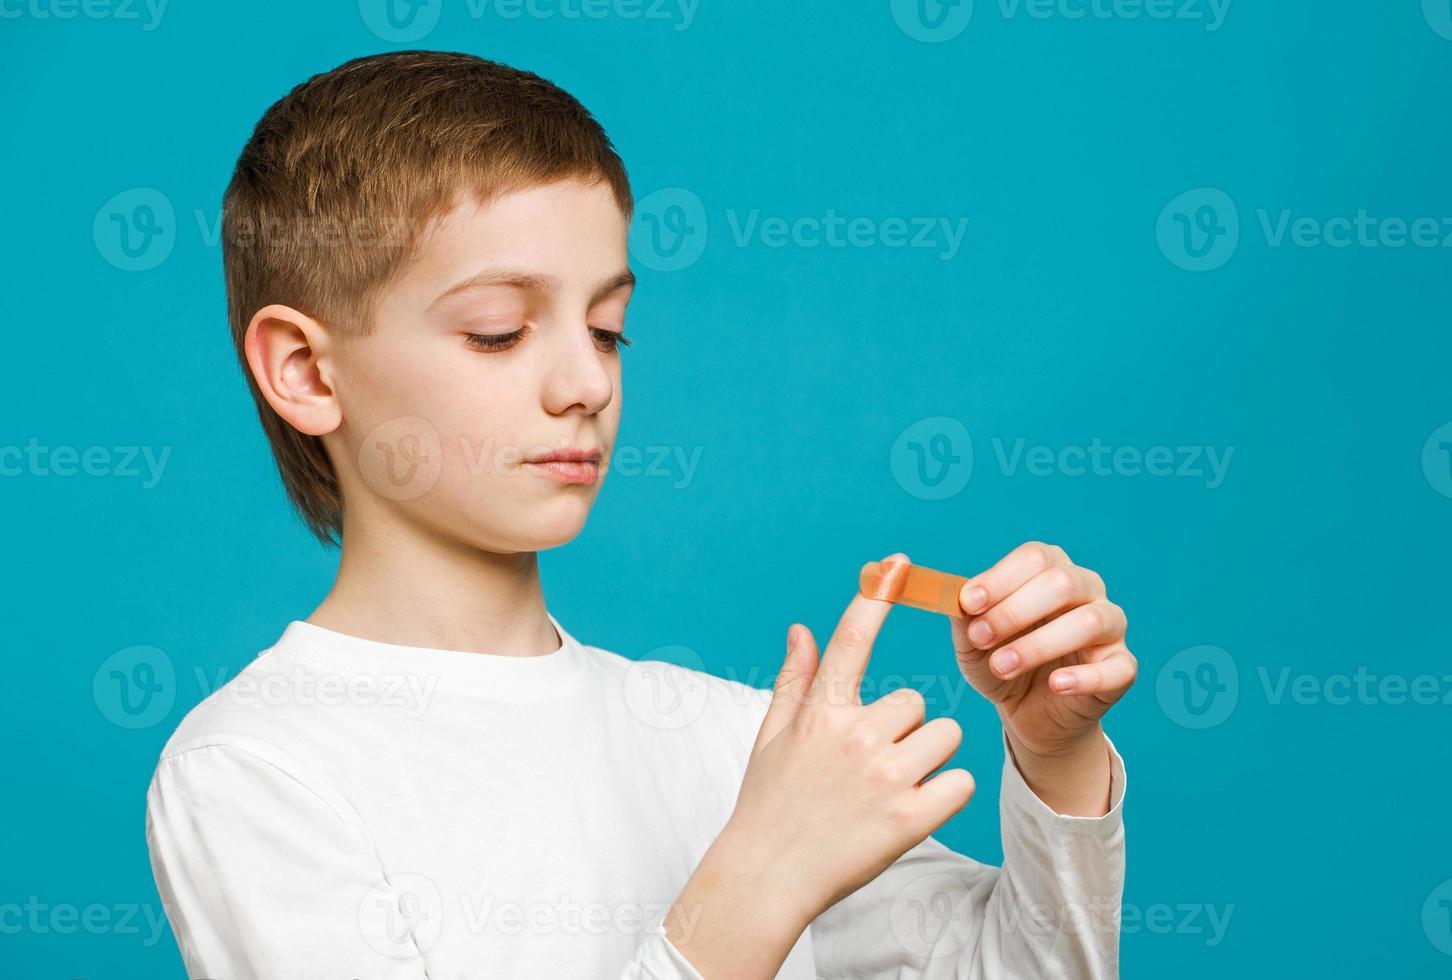 niño golpeando yeso adhesivo en su mano foto